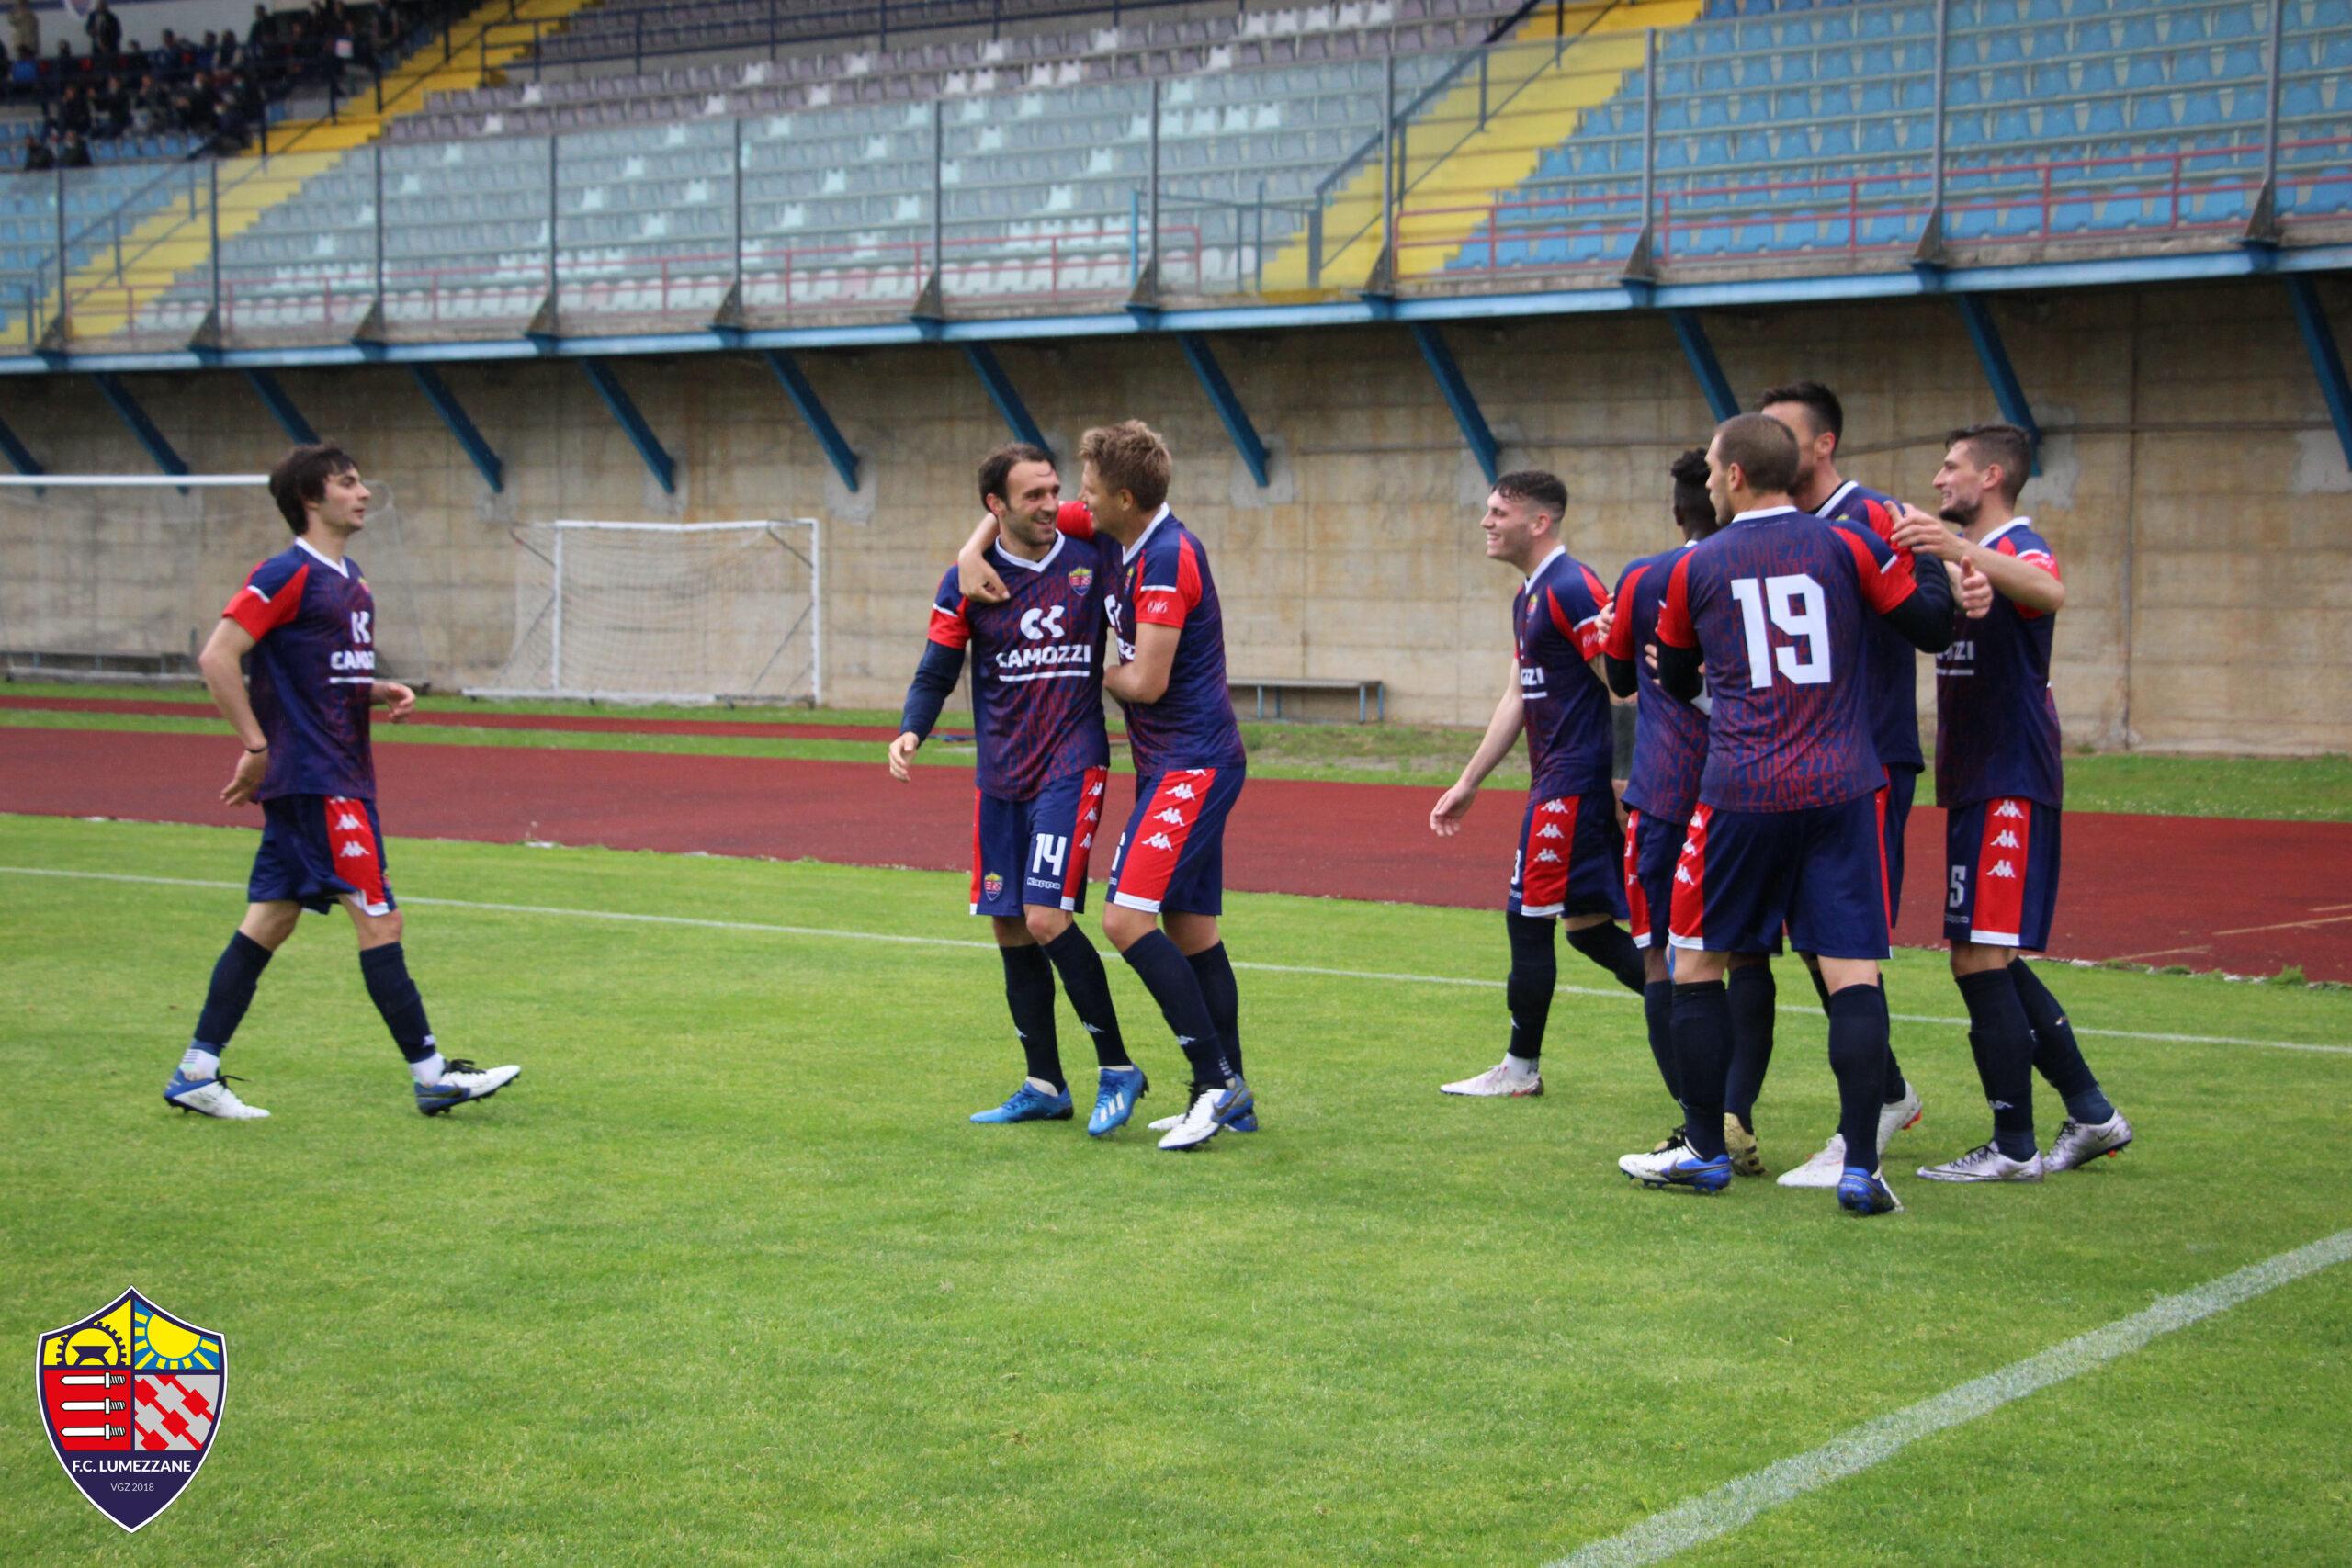 Campionato   6ª Giornata   FC LUMEZZANE VGZ – Prevalle 4-2